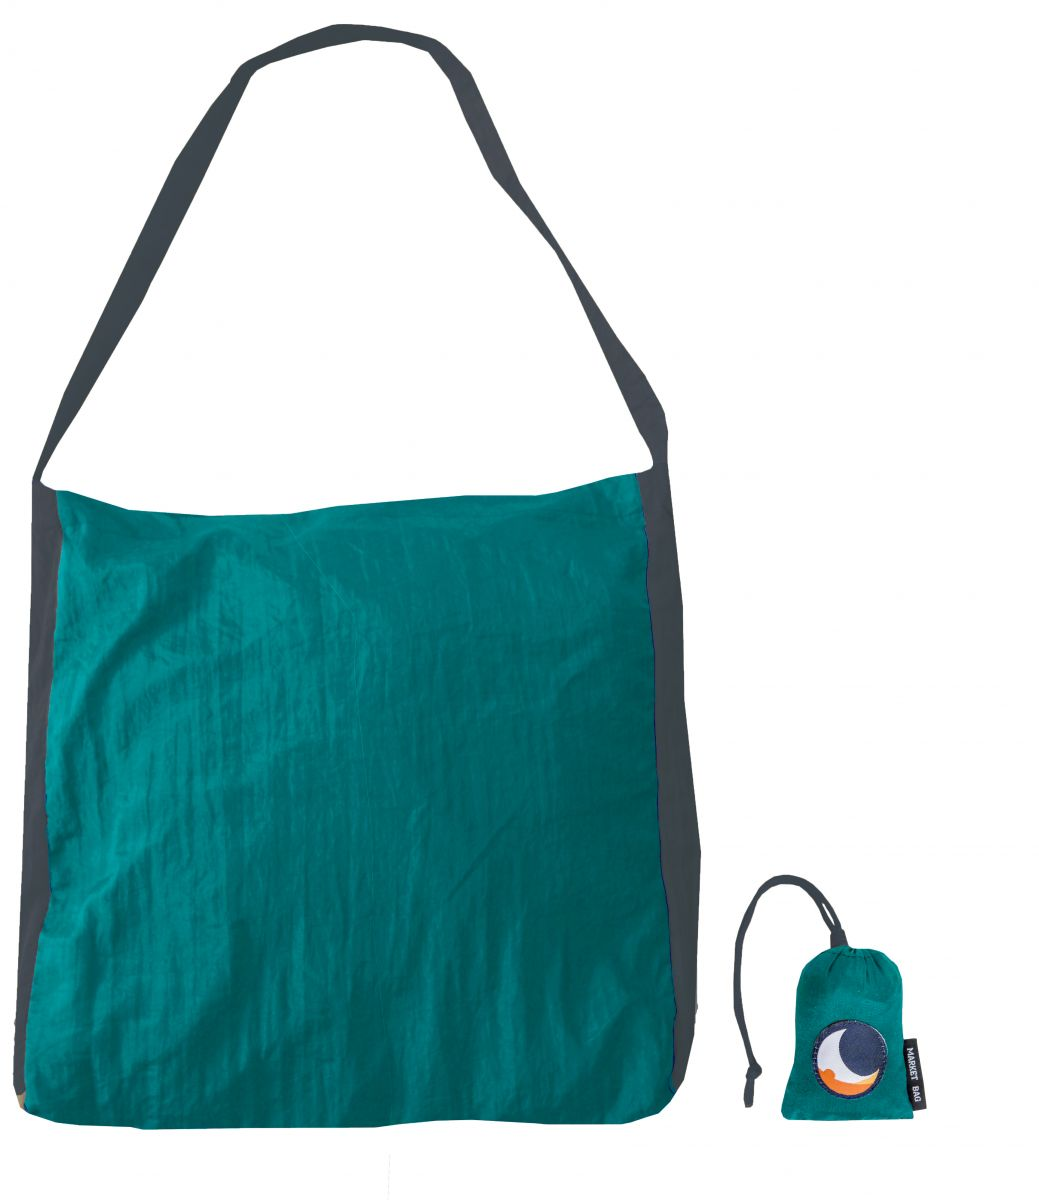 Τσάντα Μεγάλη Emerald Green/dark Grey